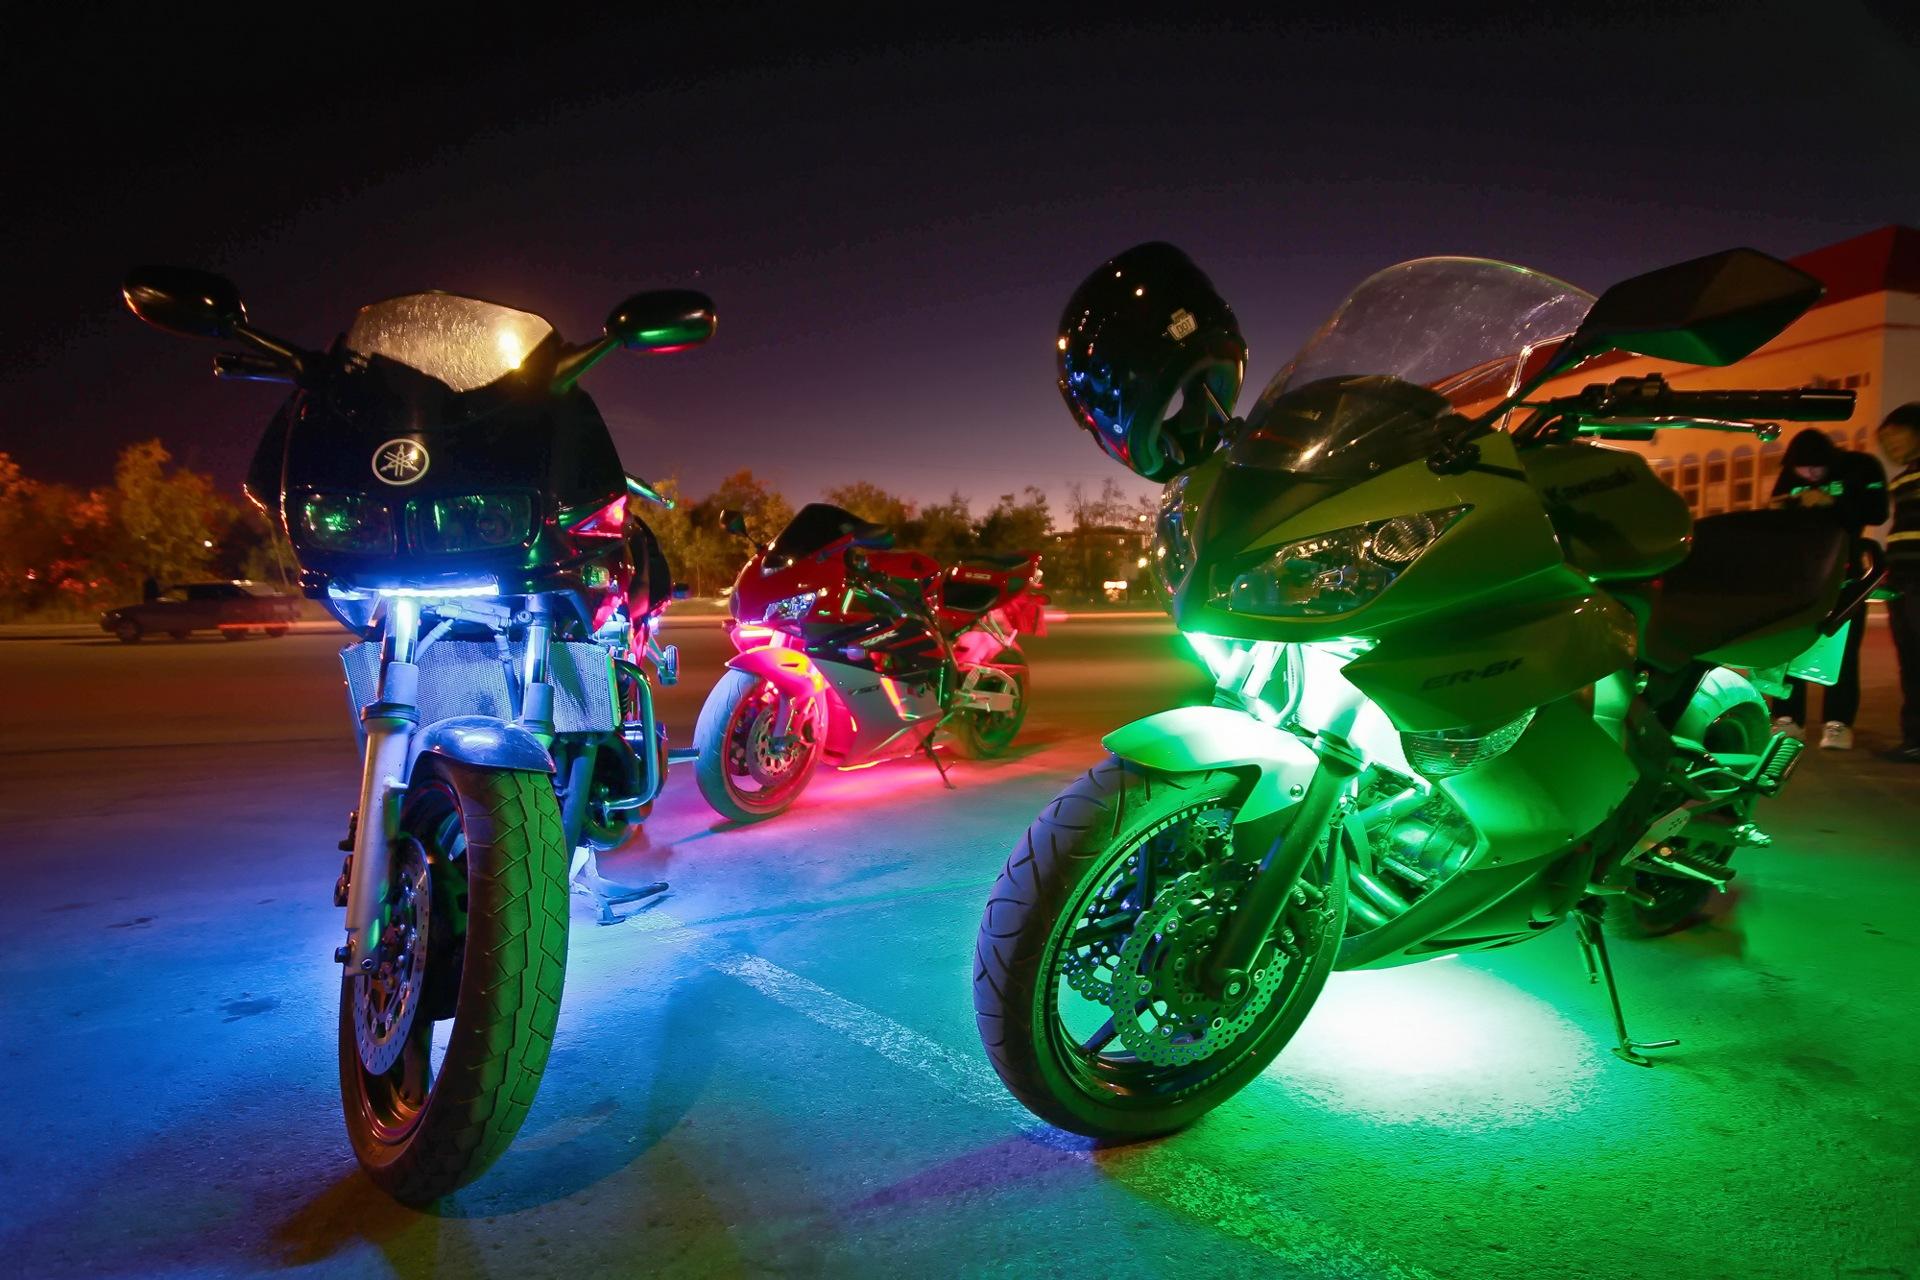 подборку картинки мотоцикл и ночь красивейший